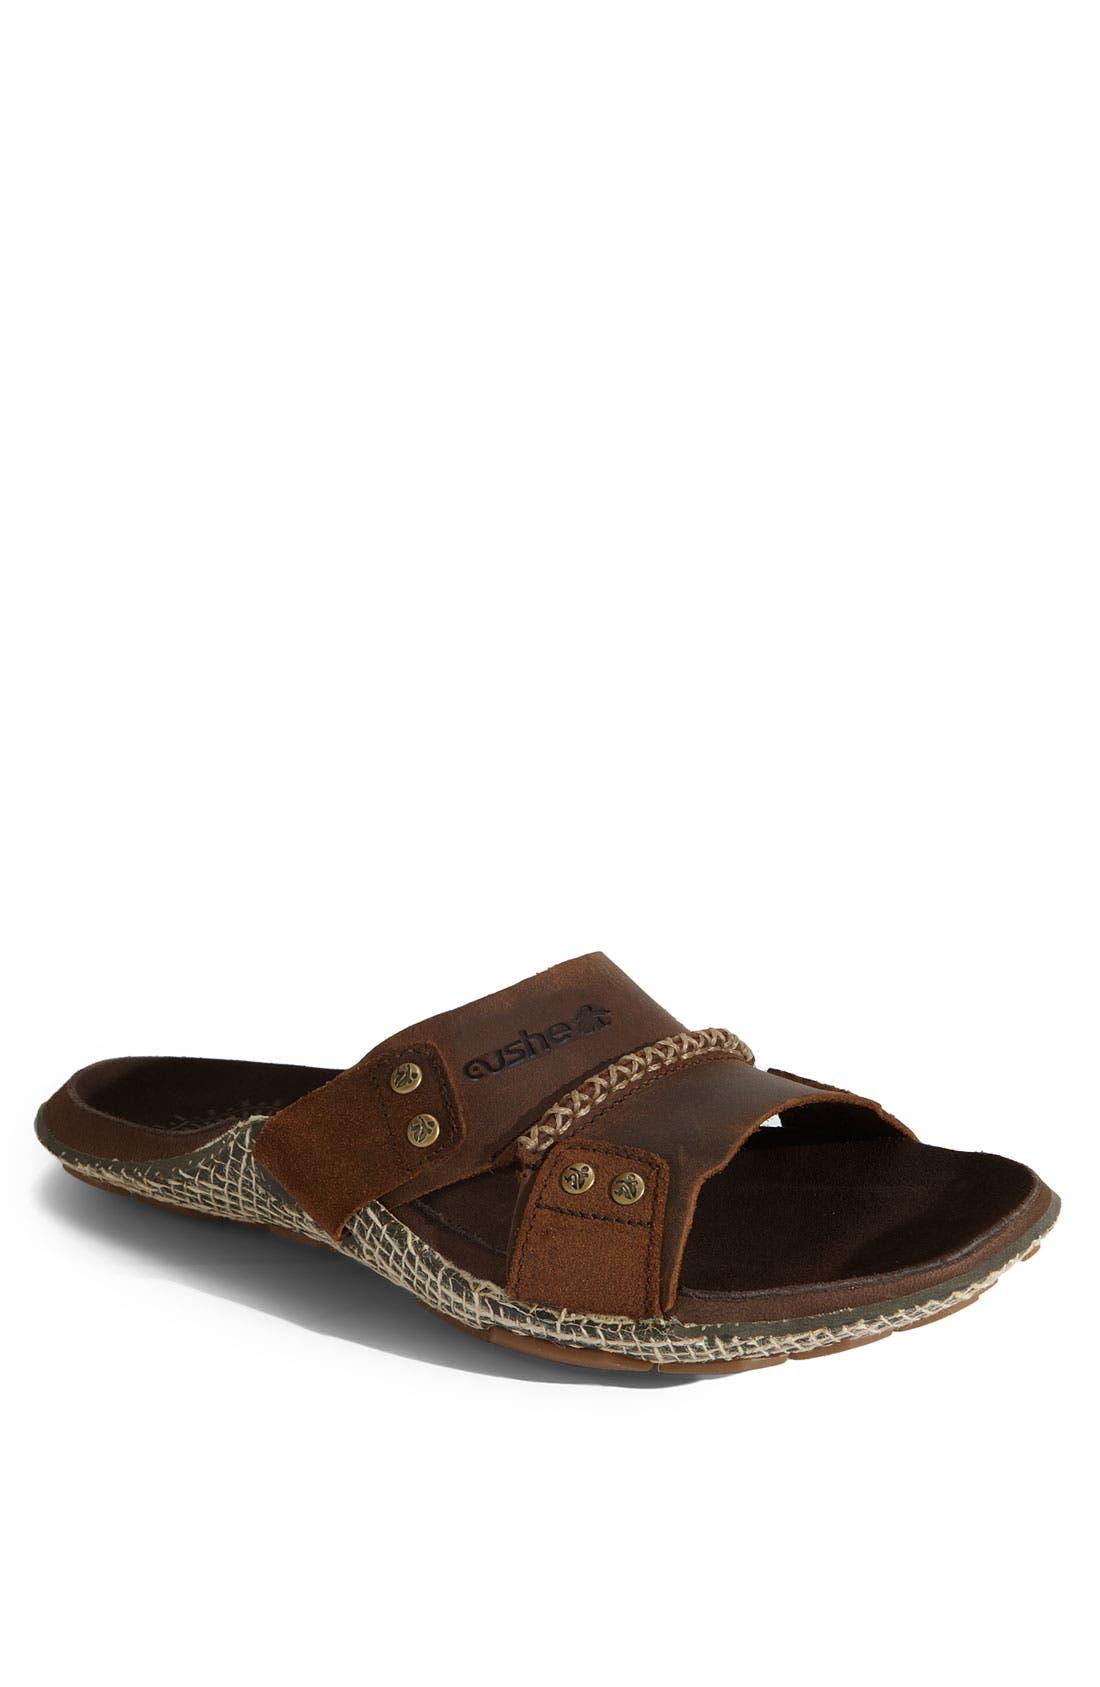 Main Image - Cushe 'Manuka' Slide Sandal